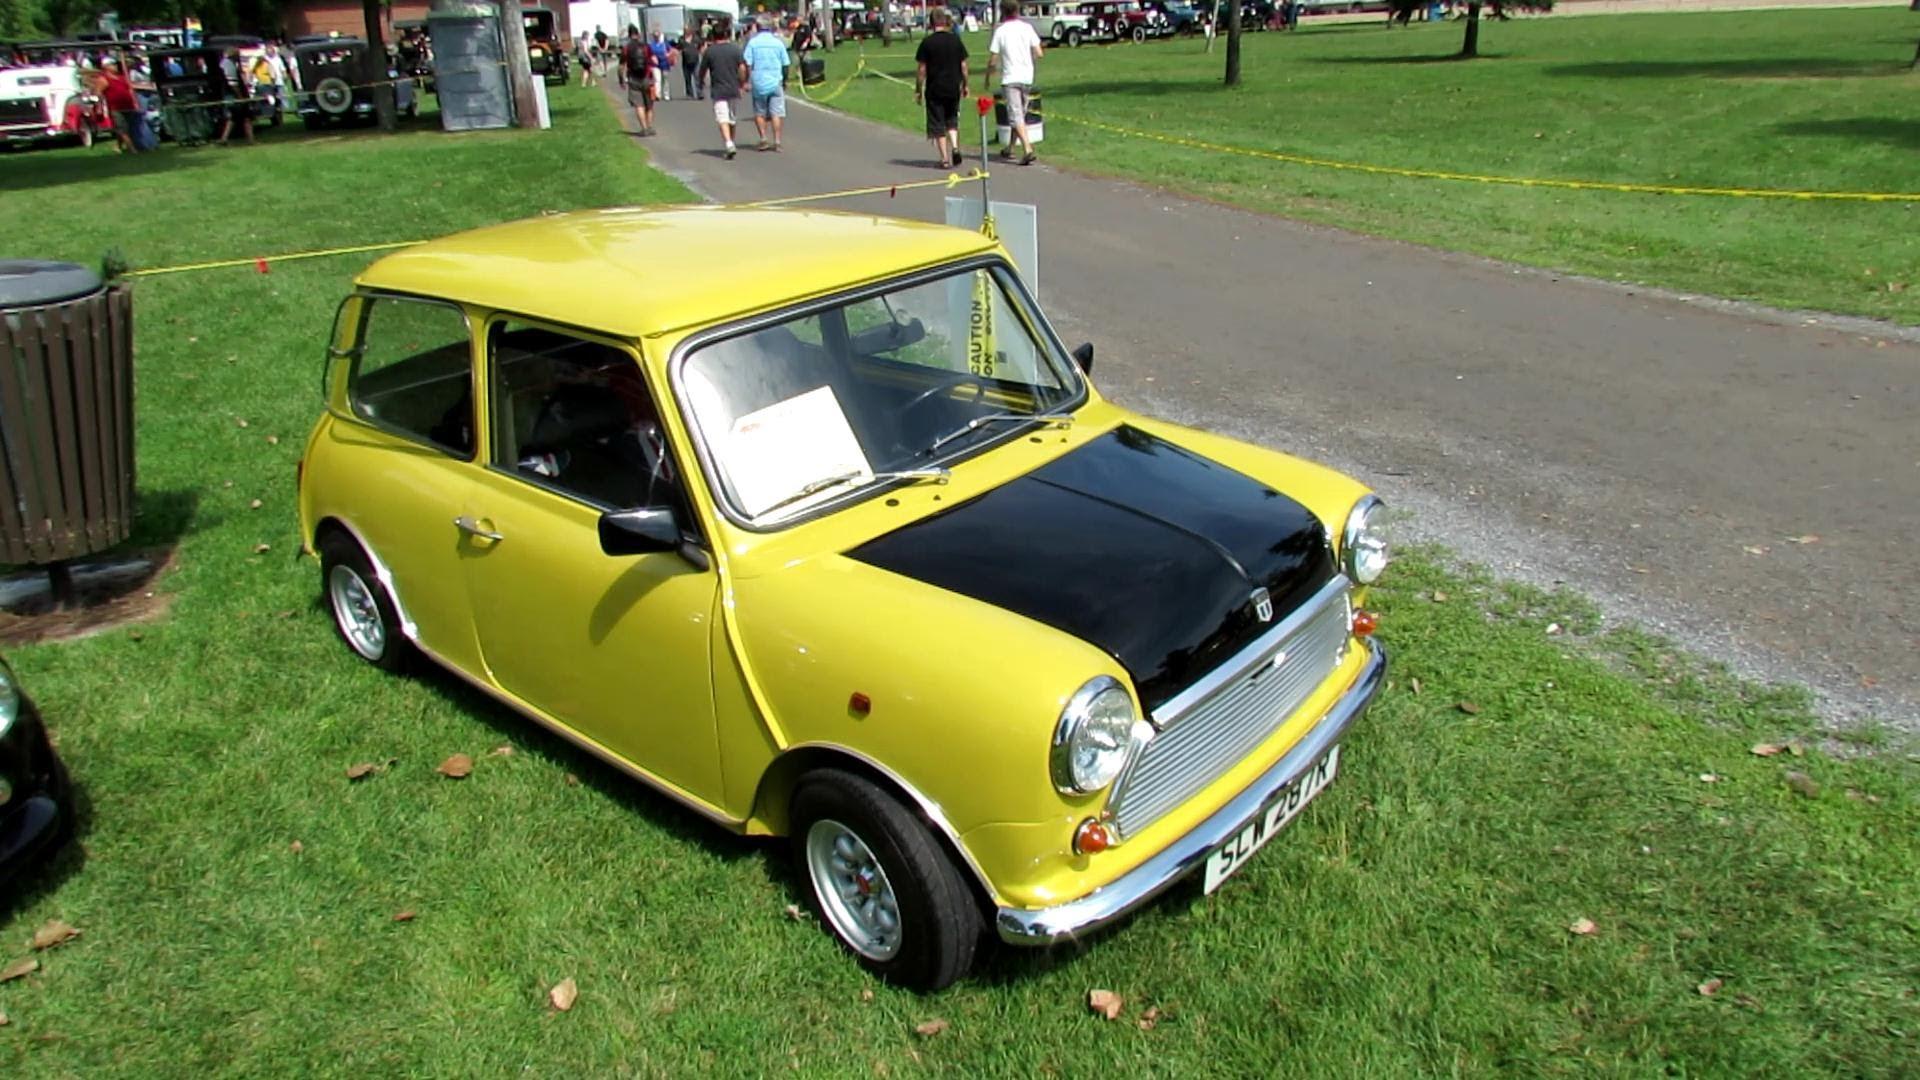 Membedah Mobil Lawas Morris Mini Cooper Milik Mr Bean